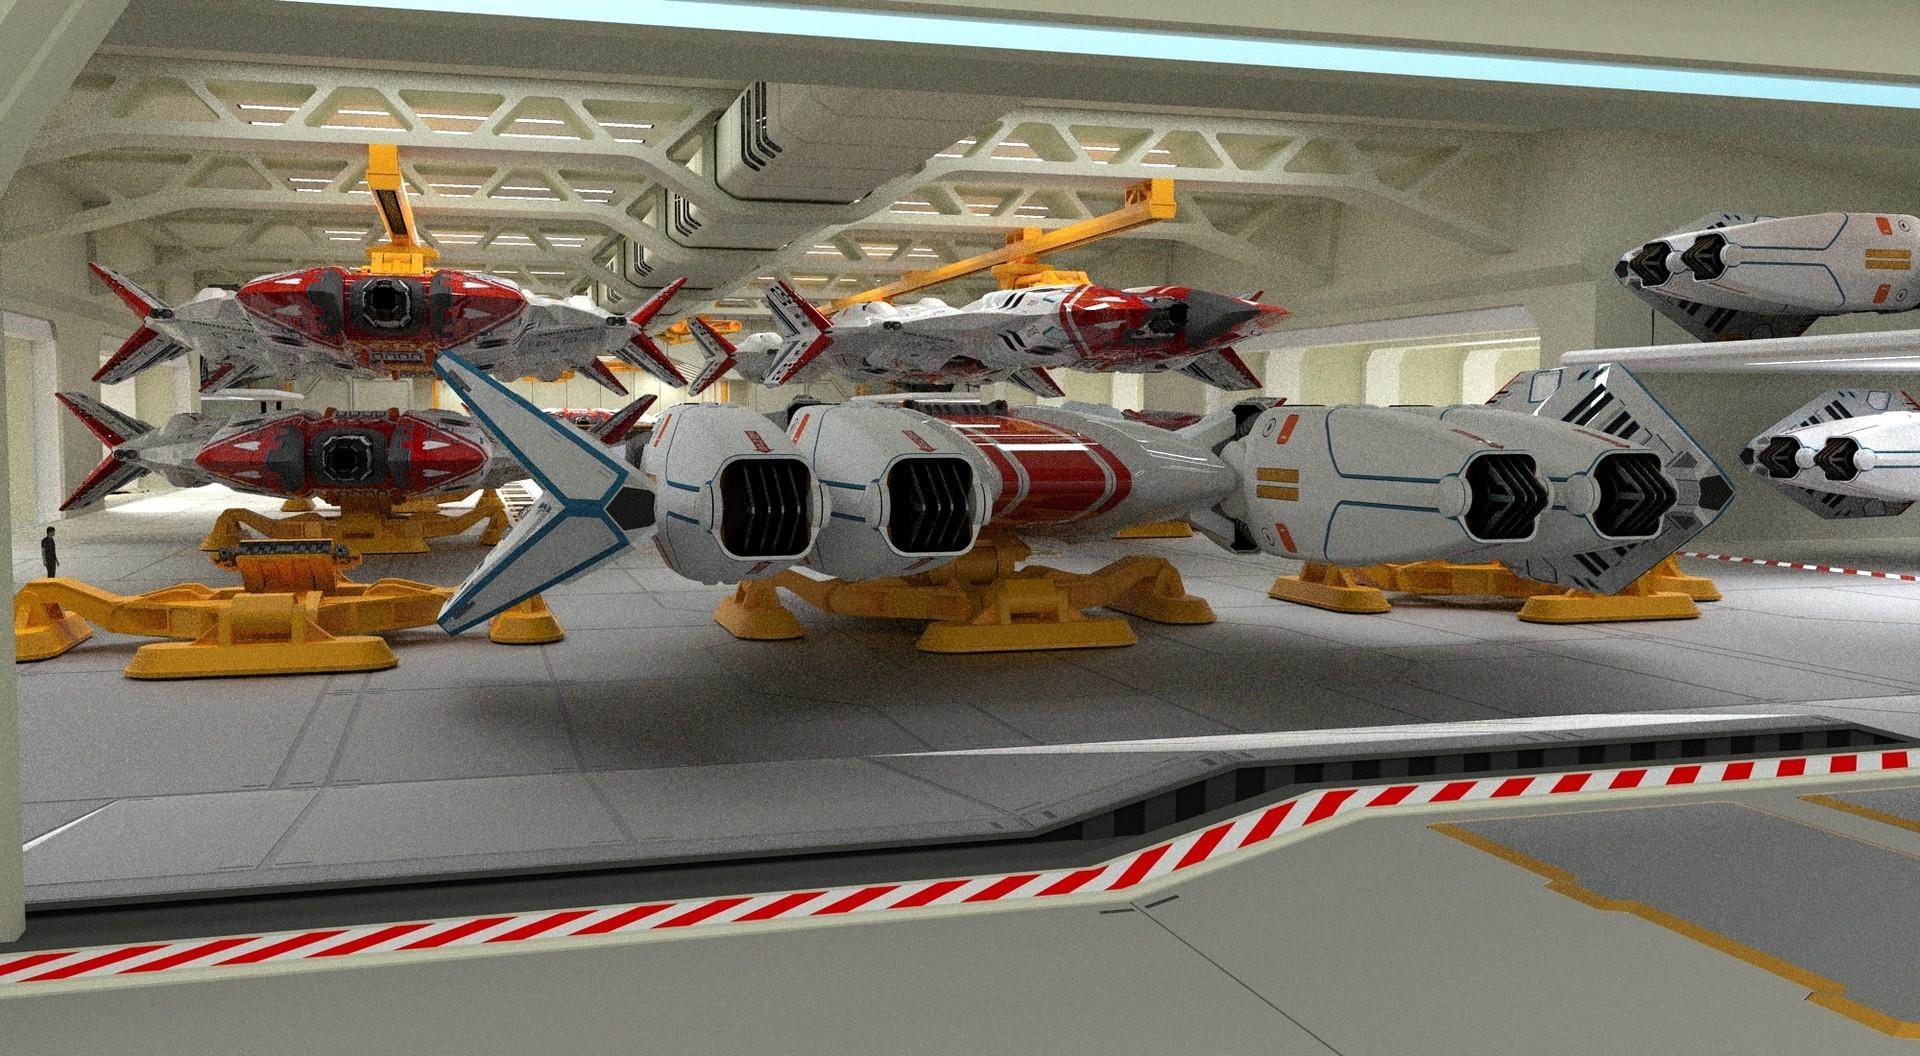 Joachim sverd meridian dorsal hangar bay